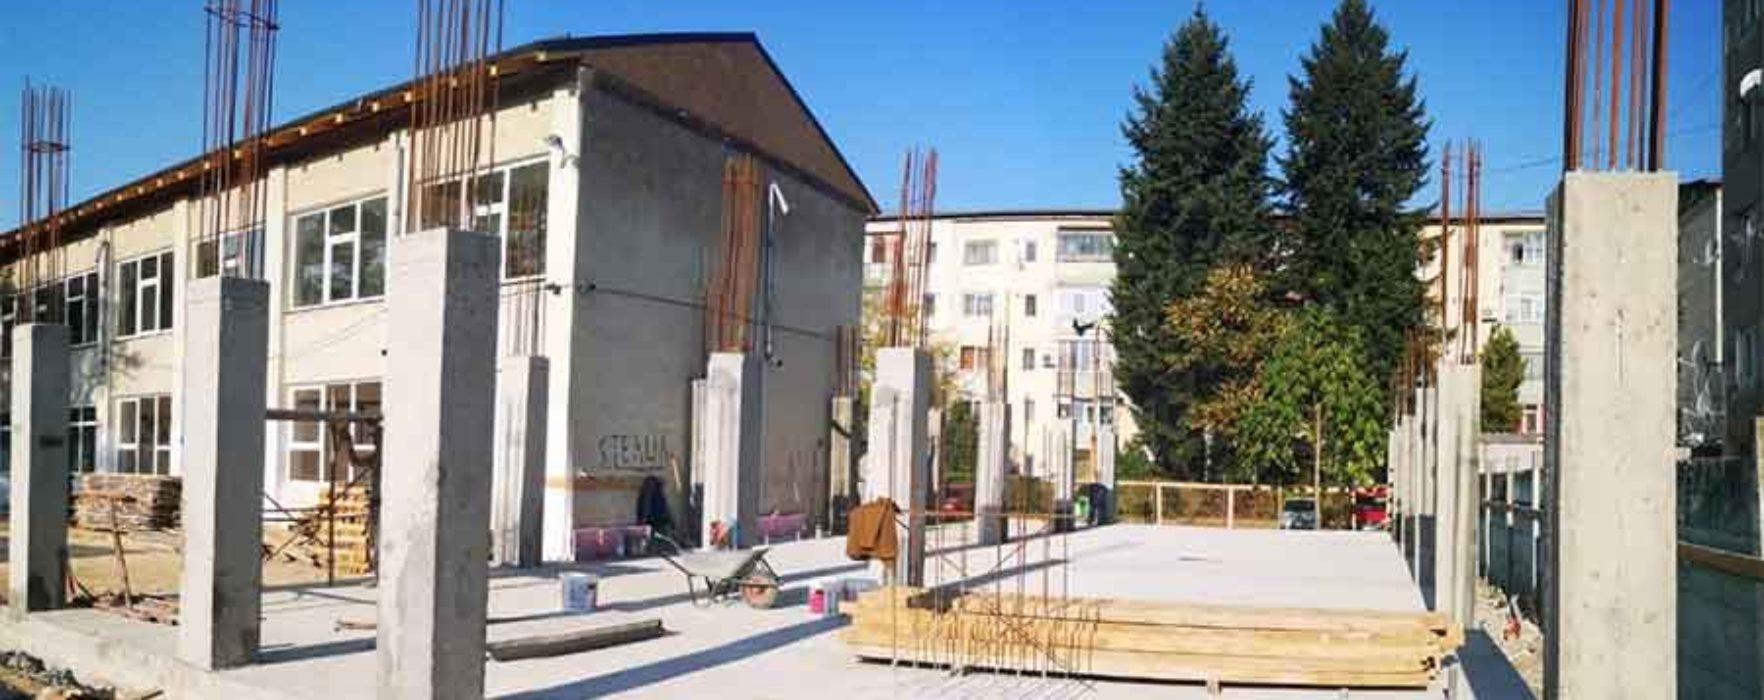 """Târgovişte: Grădiniţa nr. 8 """"Rază de soare"""", în lucrări de reabilitare"""